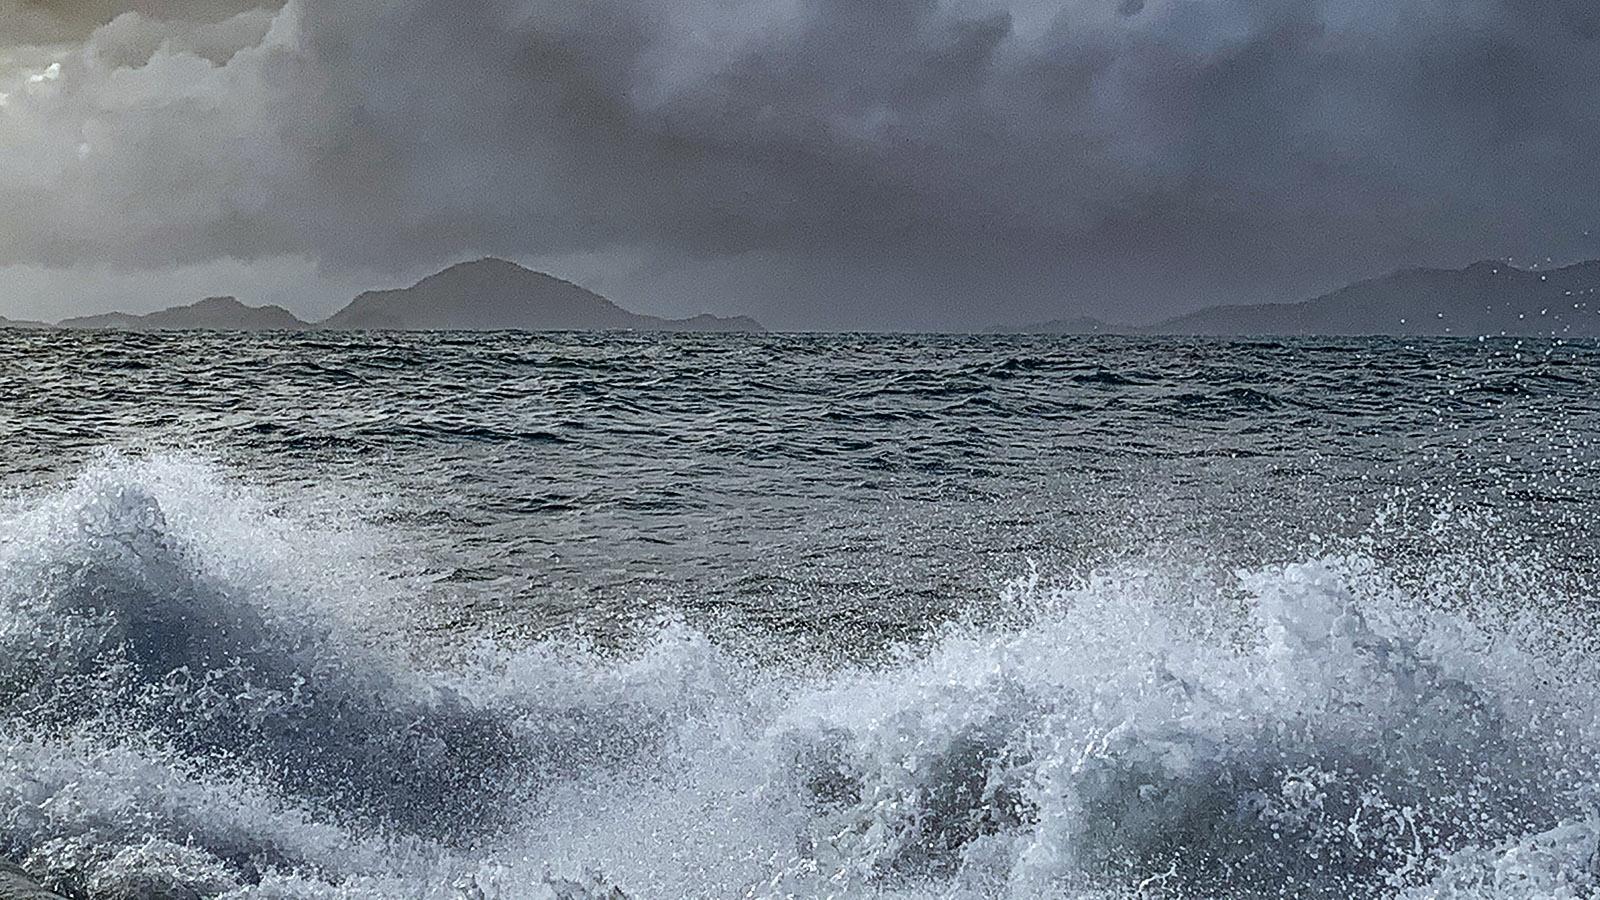 Les Saintes: Eben noch Sonne, plötzlich Sturm und Schauer - das Wetter wechselt schnell in der französischen Karibik. Alle Inseln liegen dort über dem Wind und sind regenreicher als die Inseln unter den Passatwinden. Foto: Hilke Maunder